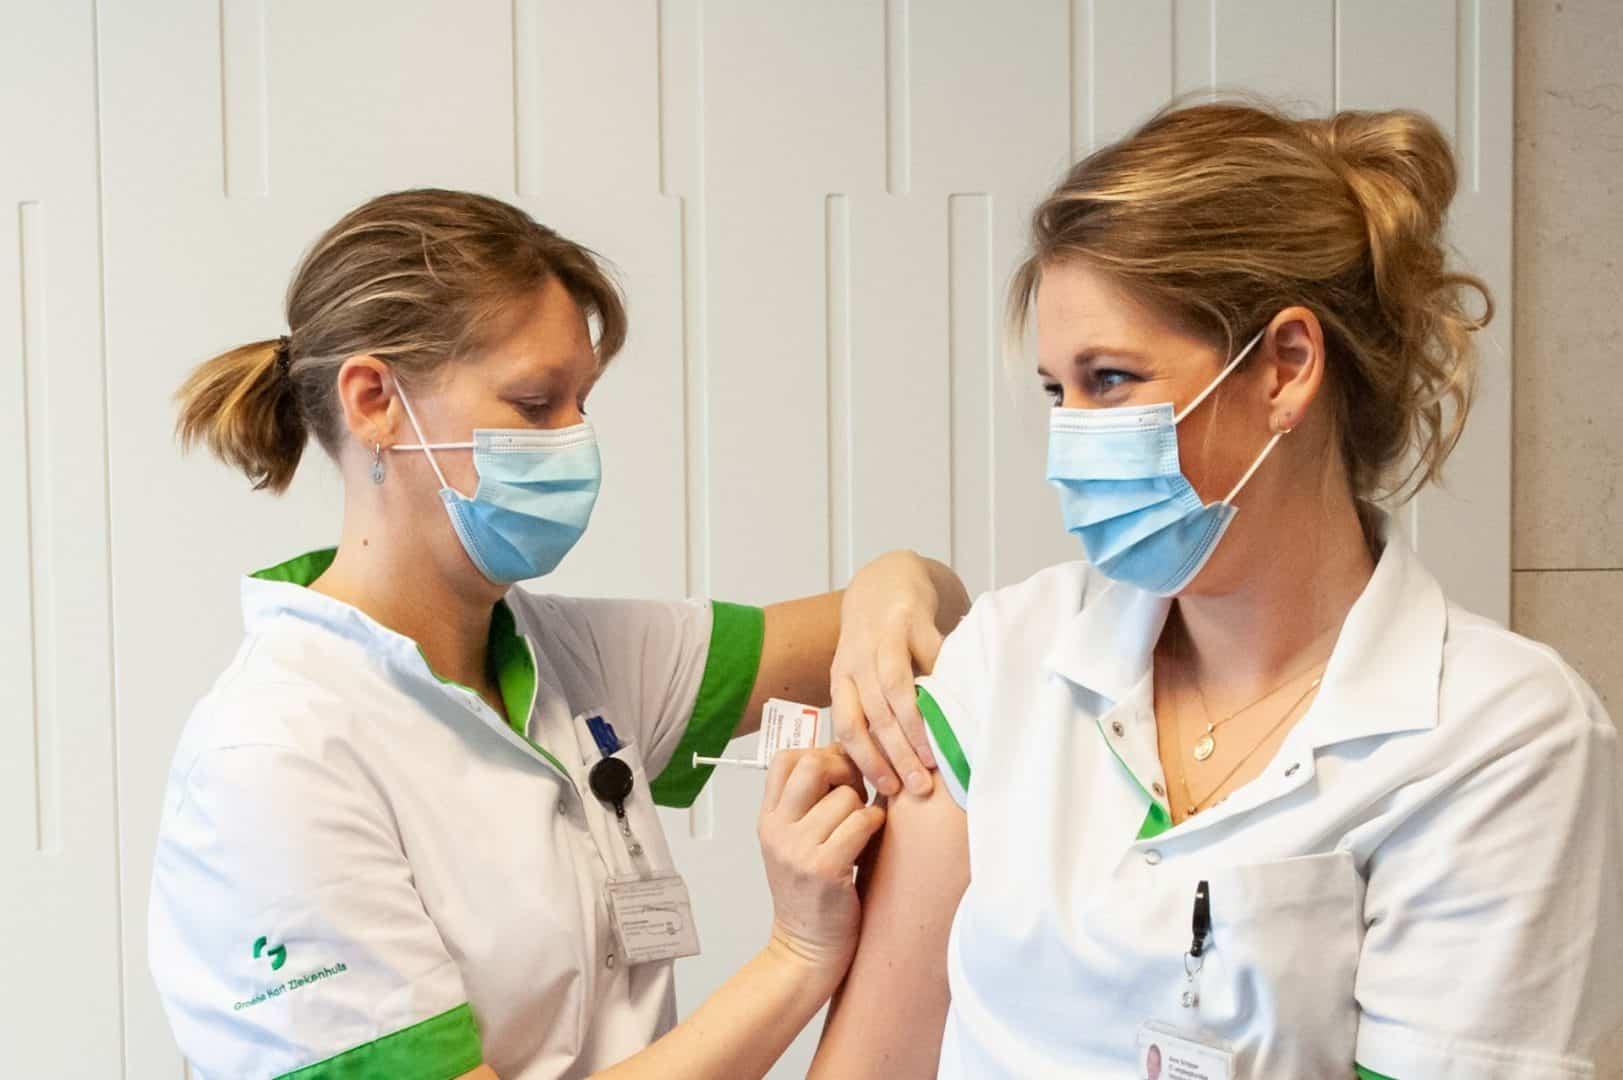 Eerste vaccinatie tegen coronavirus in Groene Hart ziekenhuis